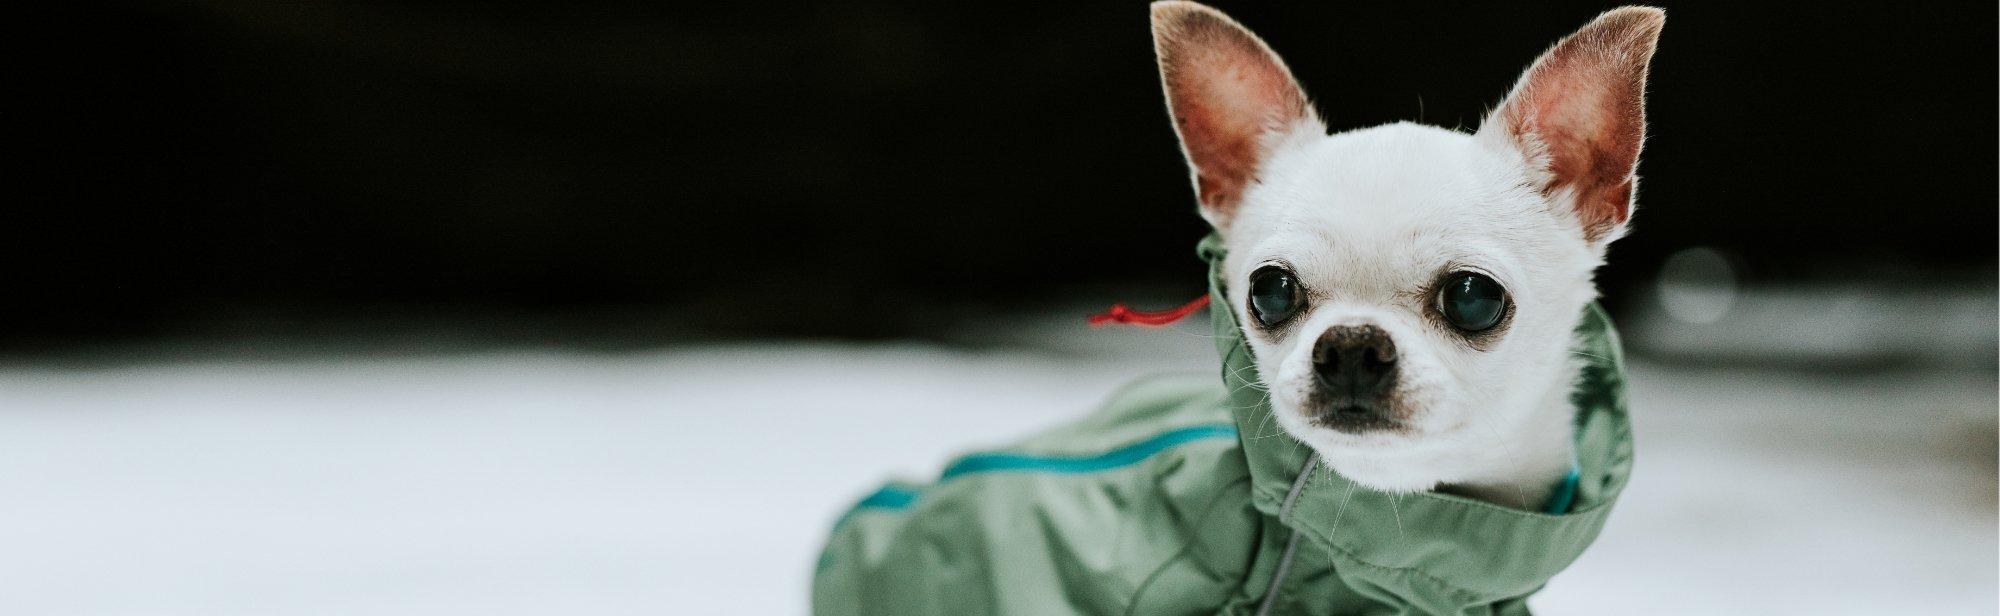 Regenmäntel für Hunde Hunderegenmäntel günstig